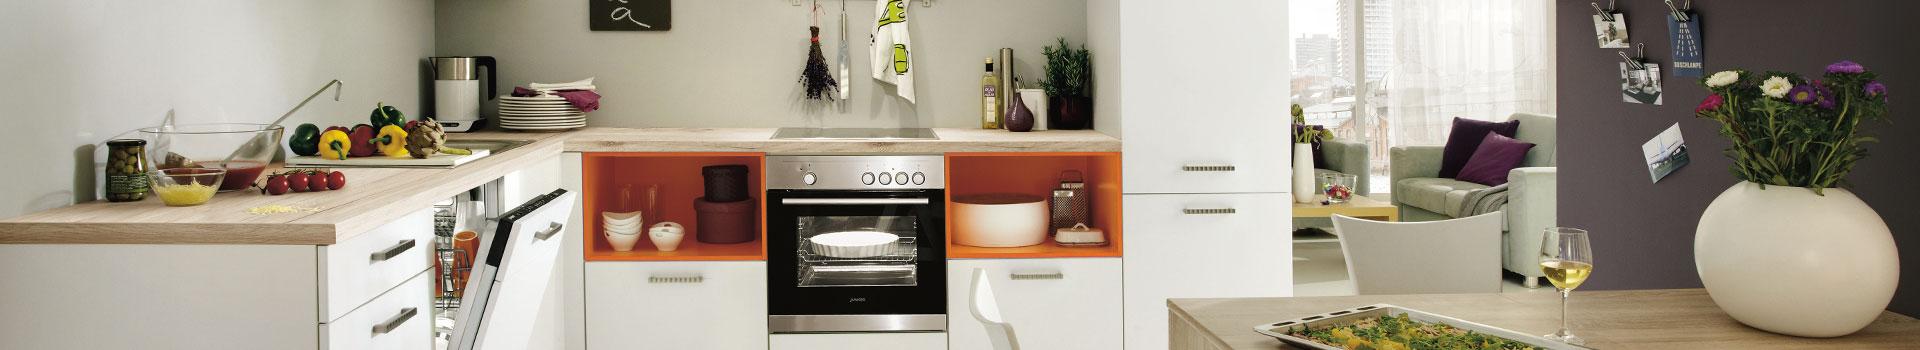 Küchen kaufen bei Sconto